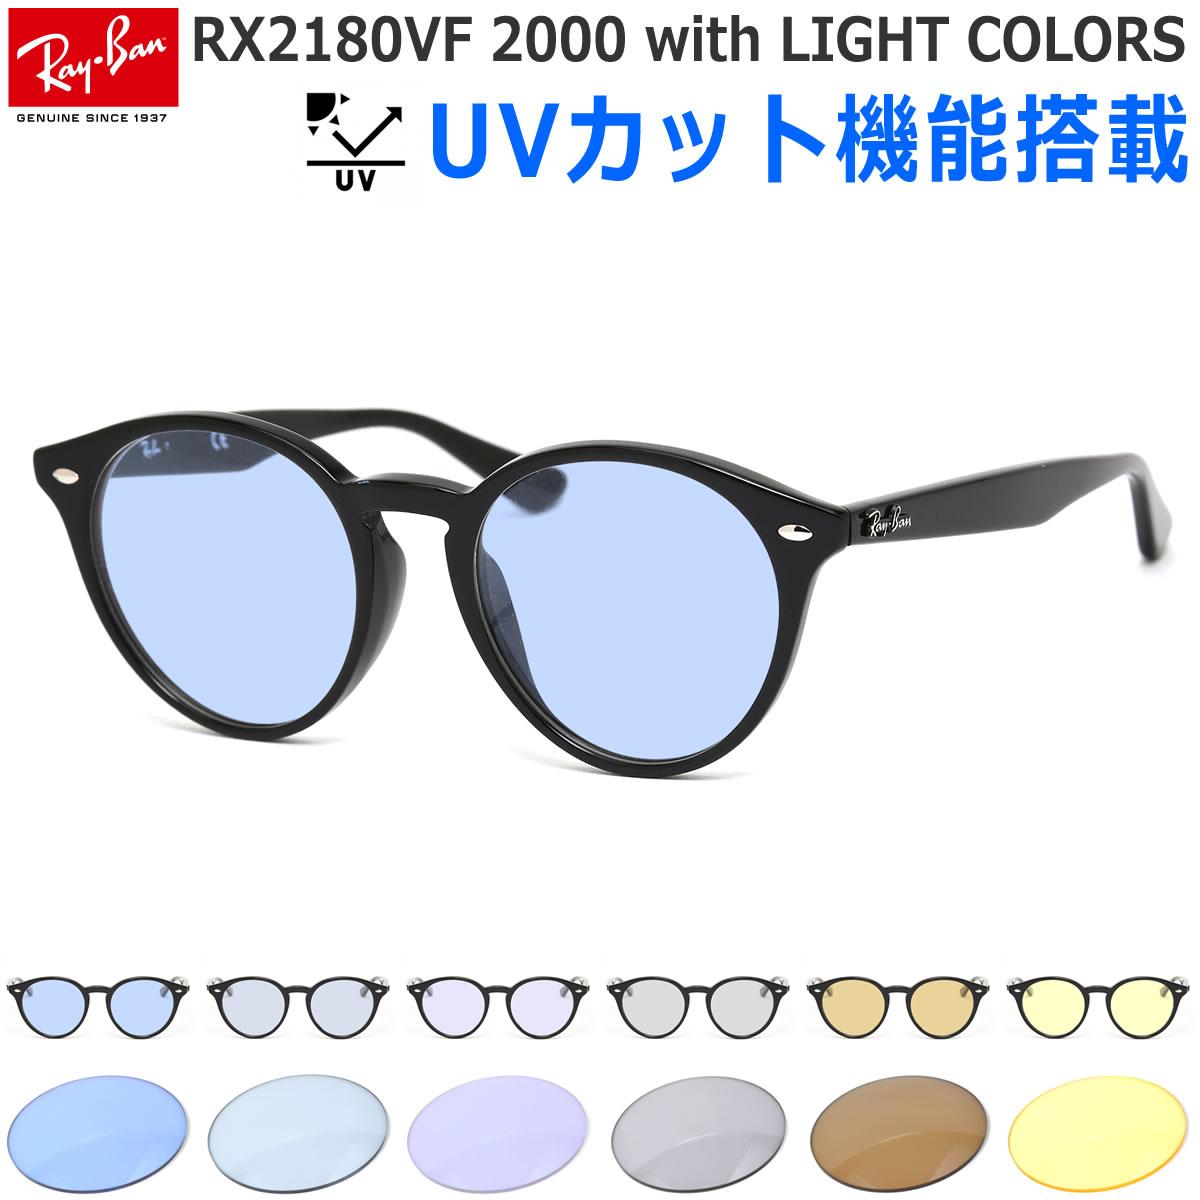 ほぼ全品ポイント15倍~最大43倍!お得なクーポンも! Ray-Ban レイバン UVカット付き ライトカラーサングラス セット  RX2180VF 2000 51サイズ レイバン RAYBAN ラウンド ROUND 伊達メガネ 丸メガネ ブルーレンズ 紫外線カット あす楽対応 [OS]